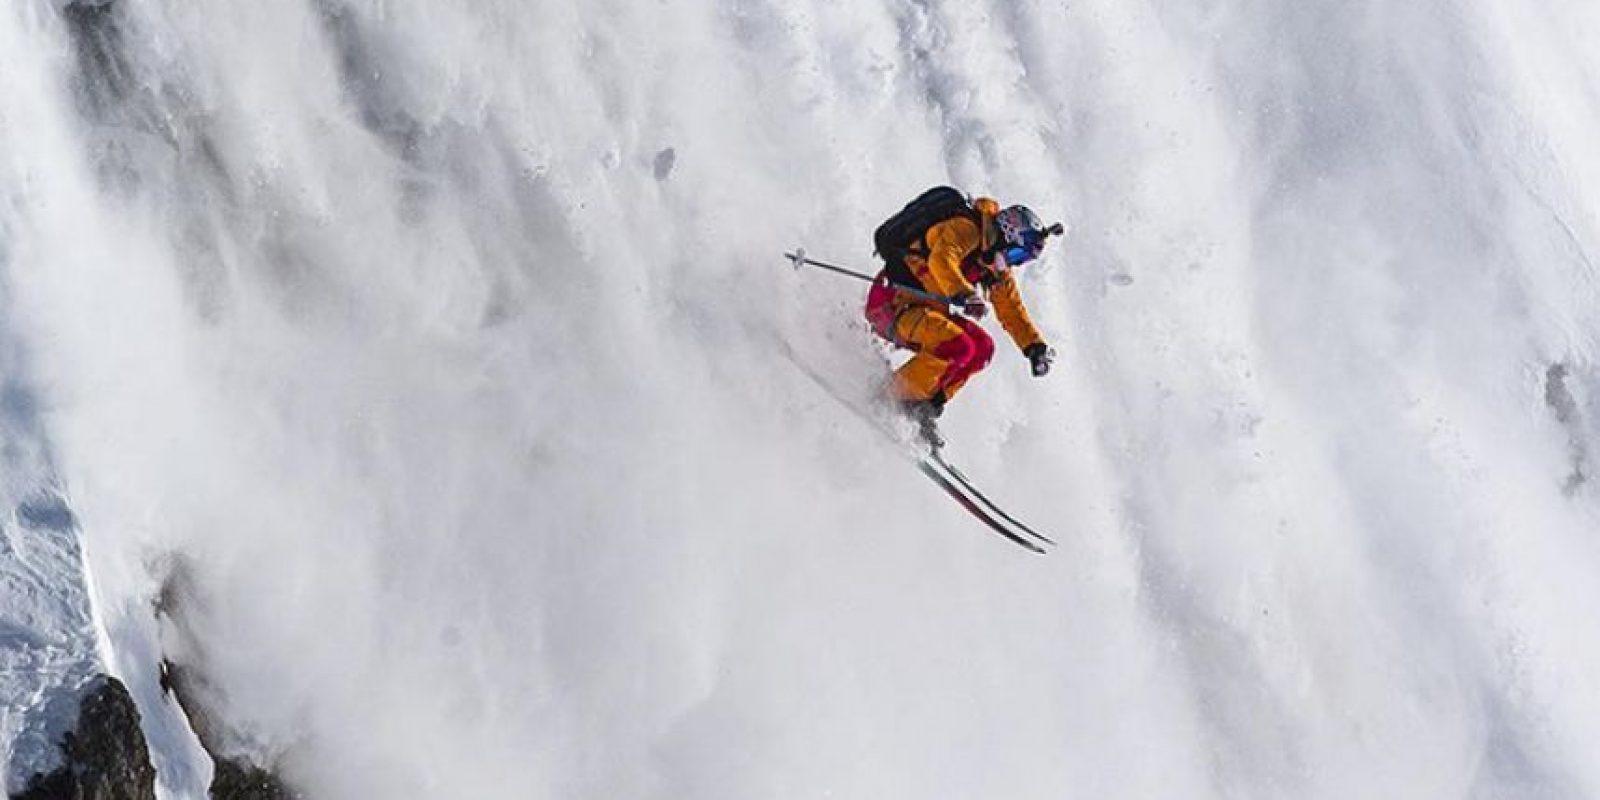 La campeona mundial sueca fue aplastada por una avalancha en la Cordillera de Los Andes, en Chile Foto:Vía instagram.com/matildarapaport. Imagen Por: